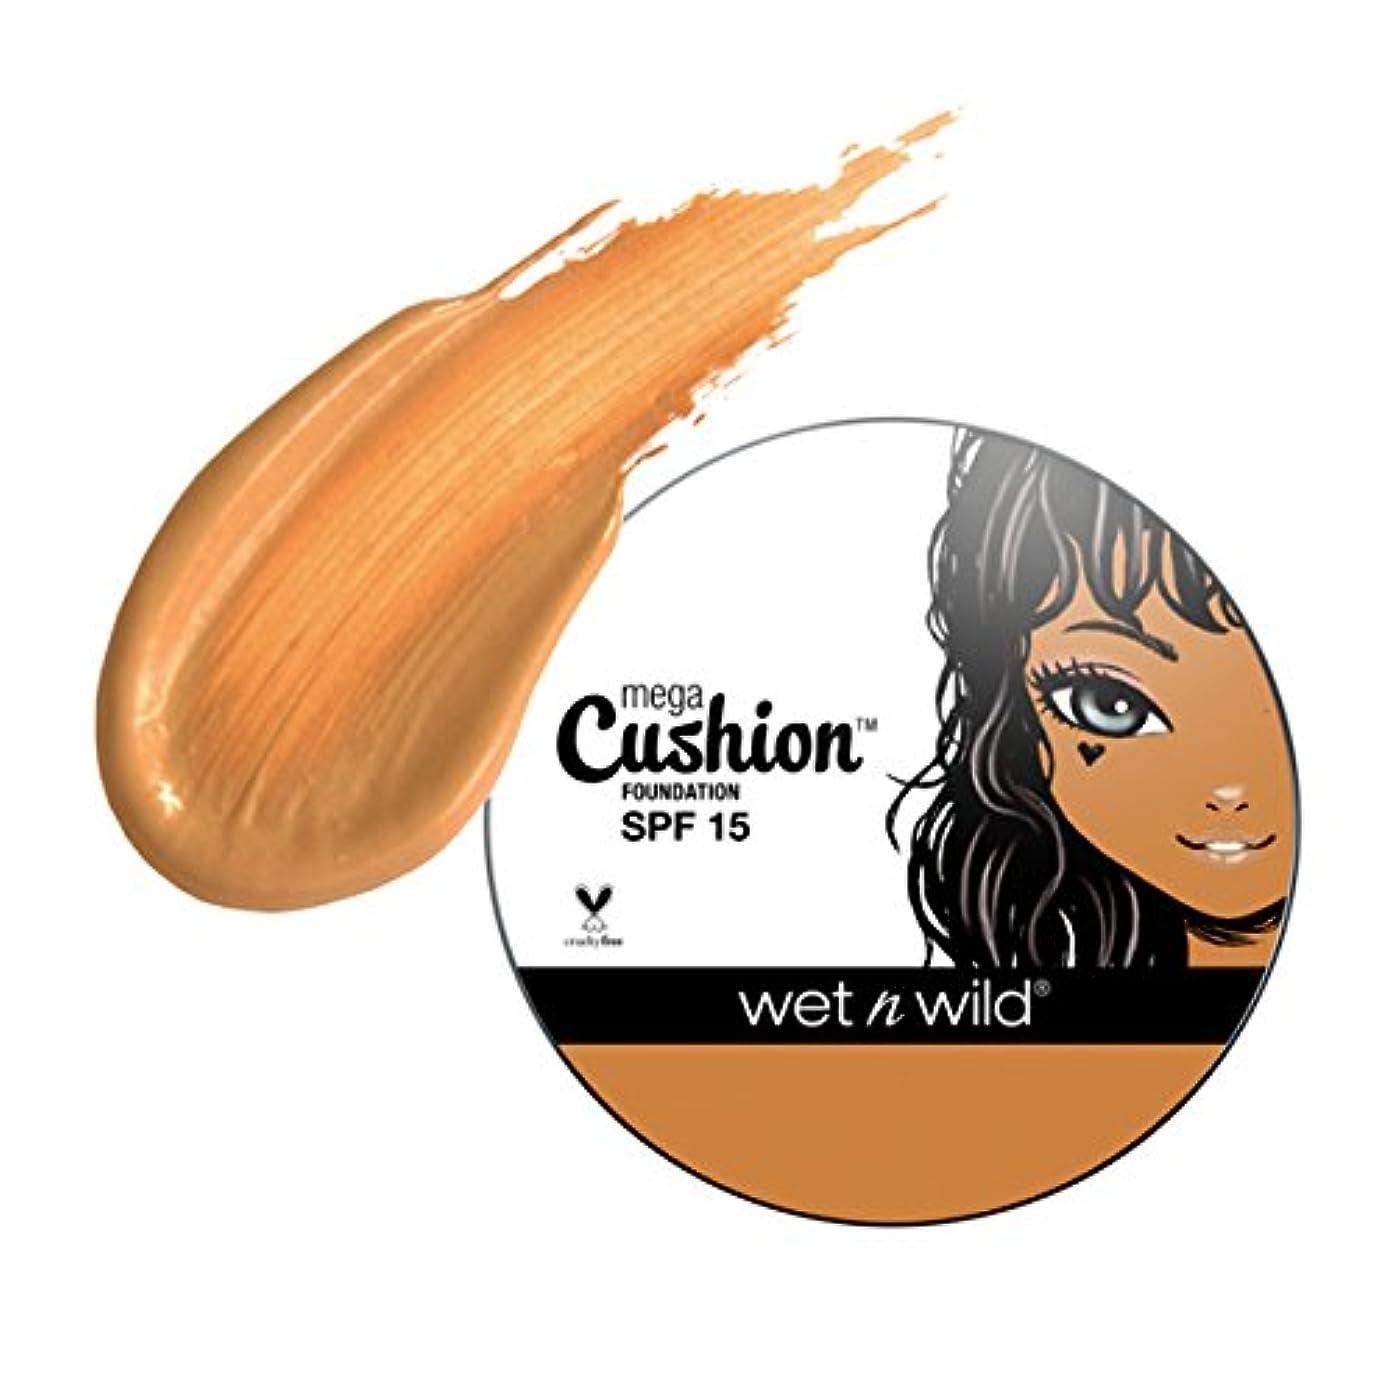 冗長のため削る(6 Pack) WET N WILD MegaCushion Foundation SPF 15 - Tawny (並行輸入品)